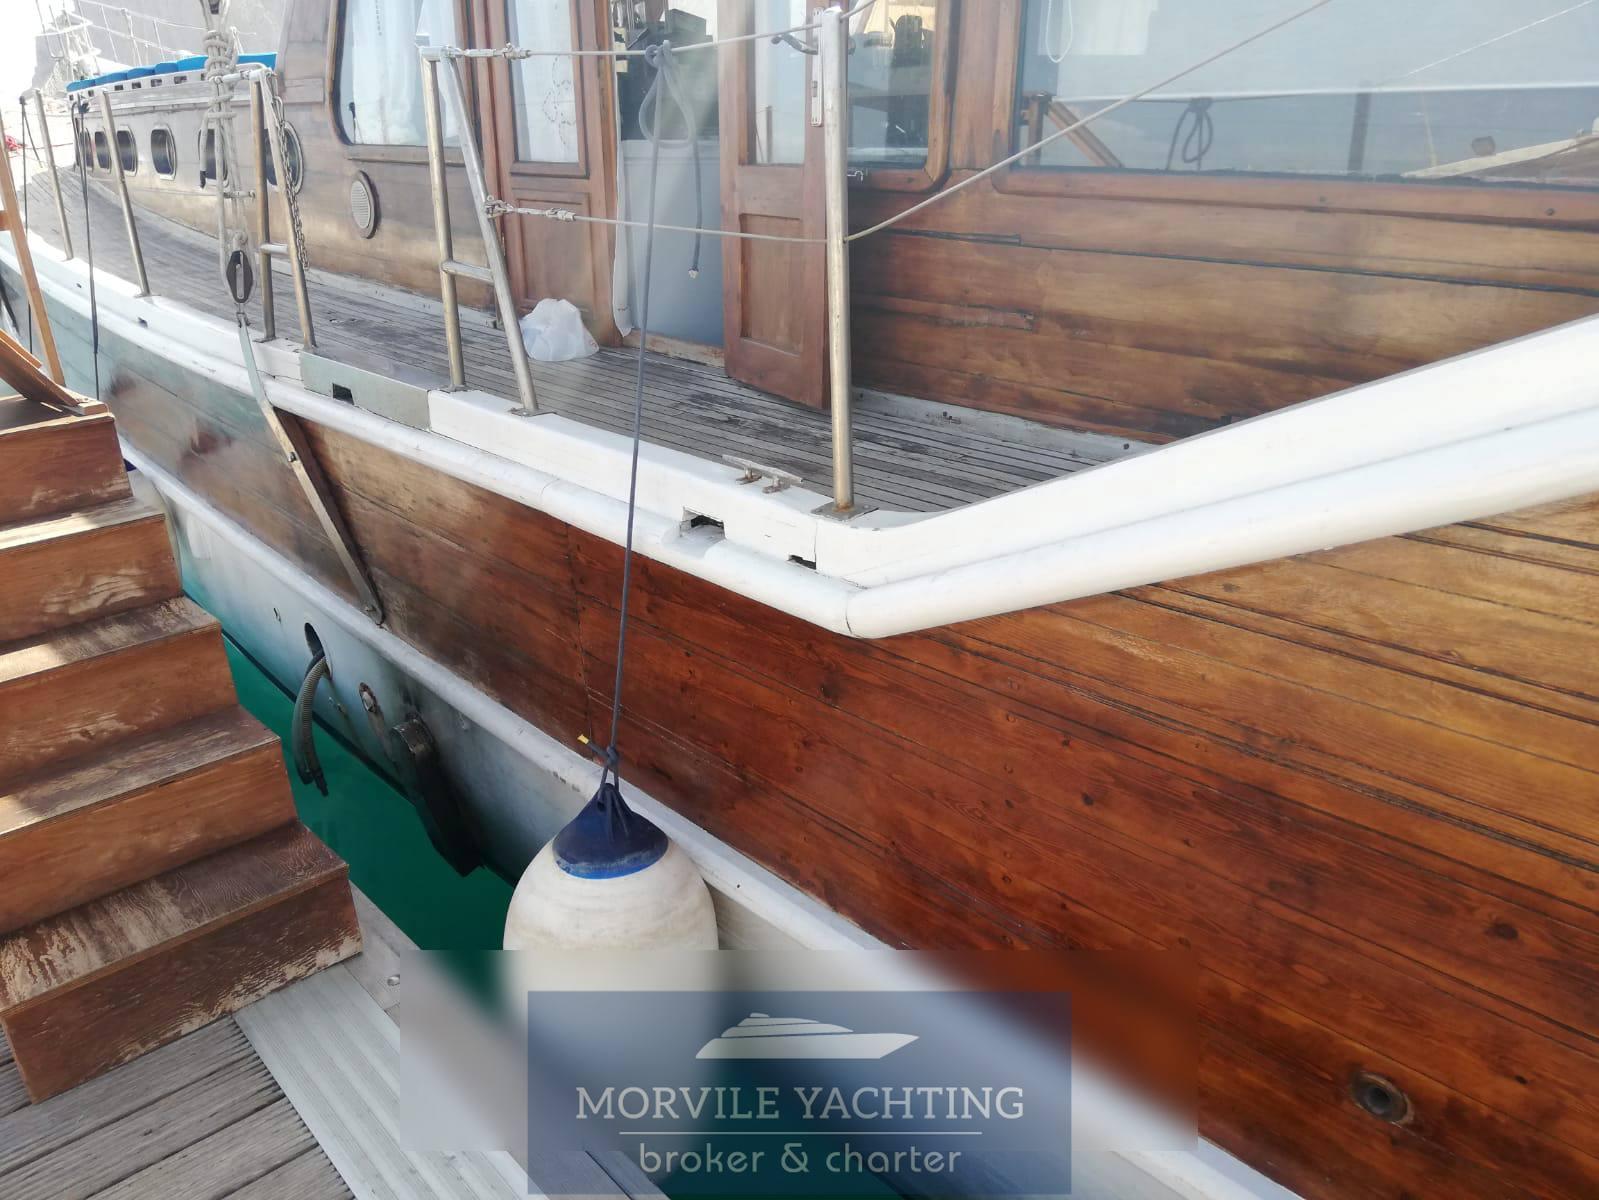 Caicco-ali-djen Turchia Barca a vela usata in vendita